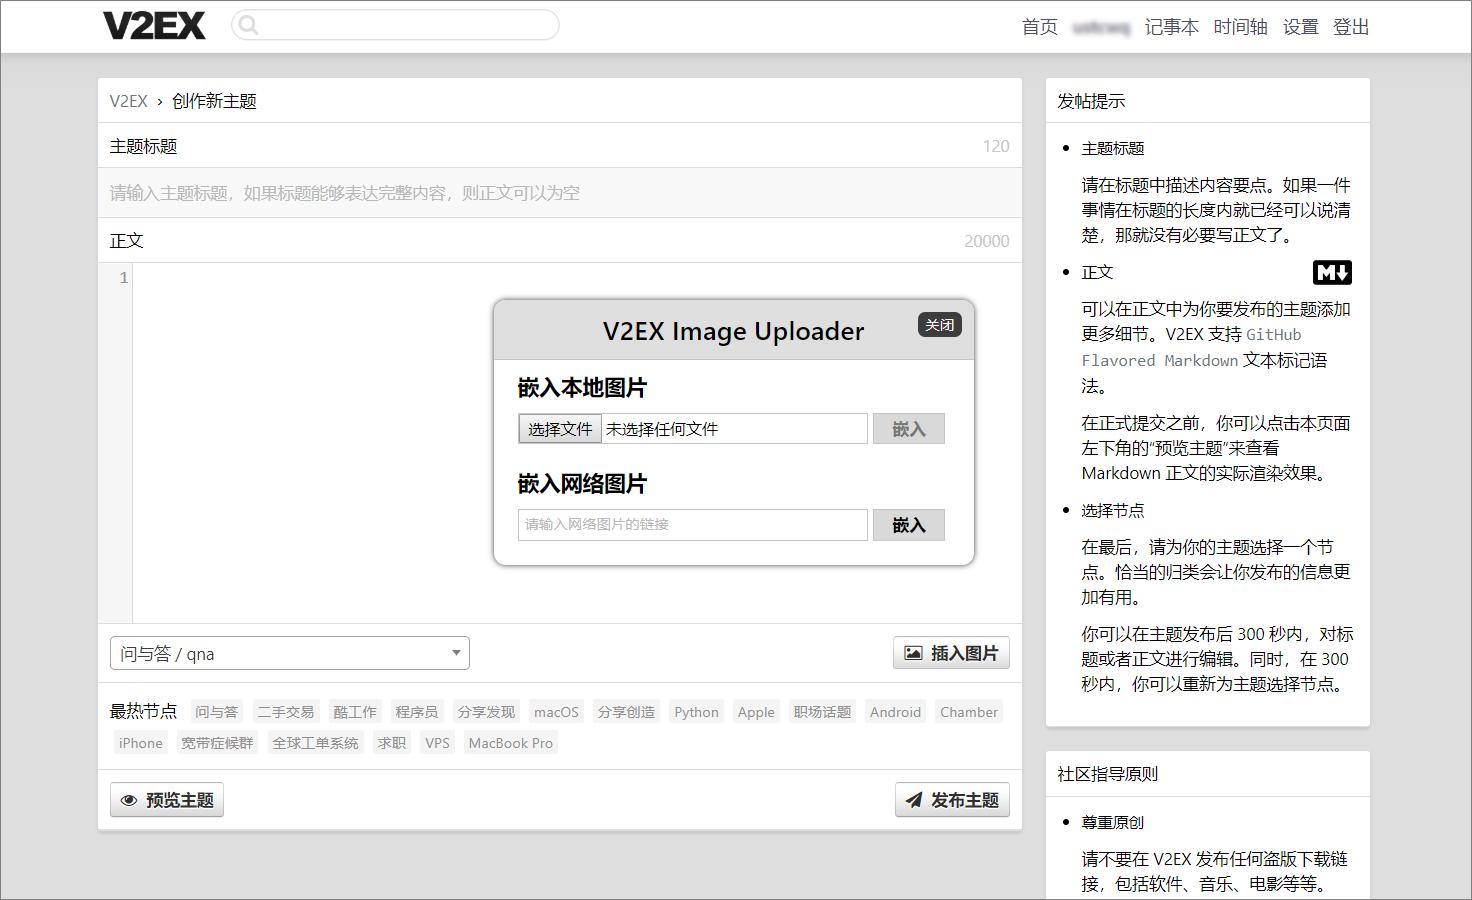 V2EX image uploaded by TsingScript